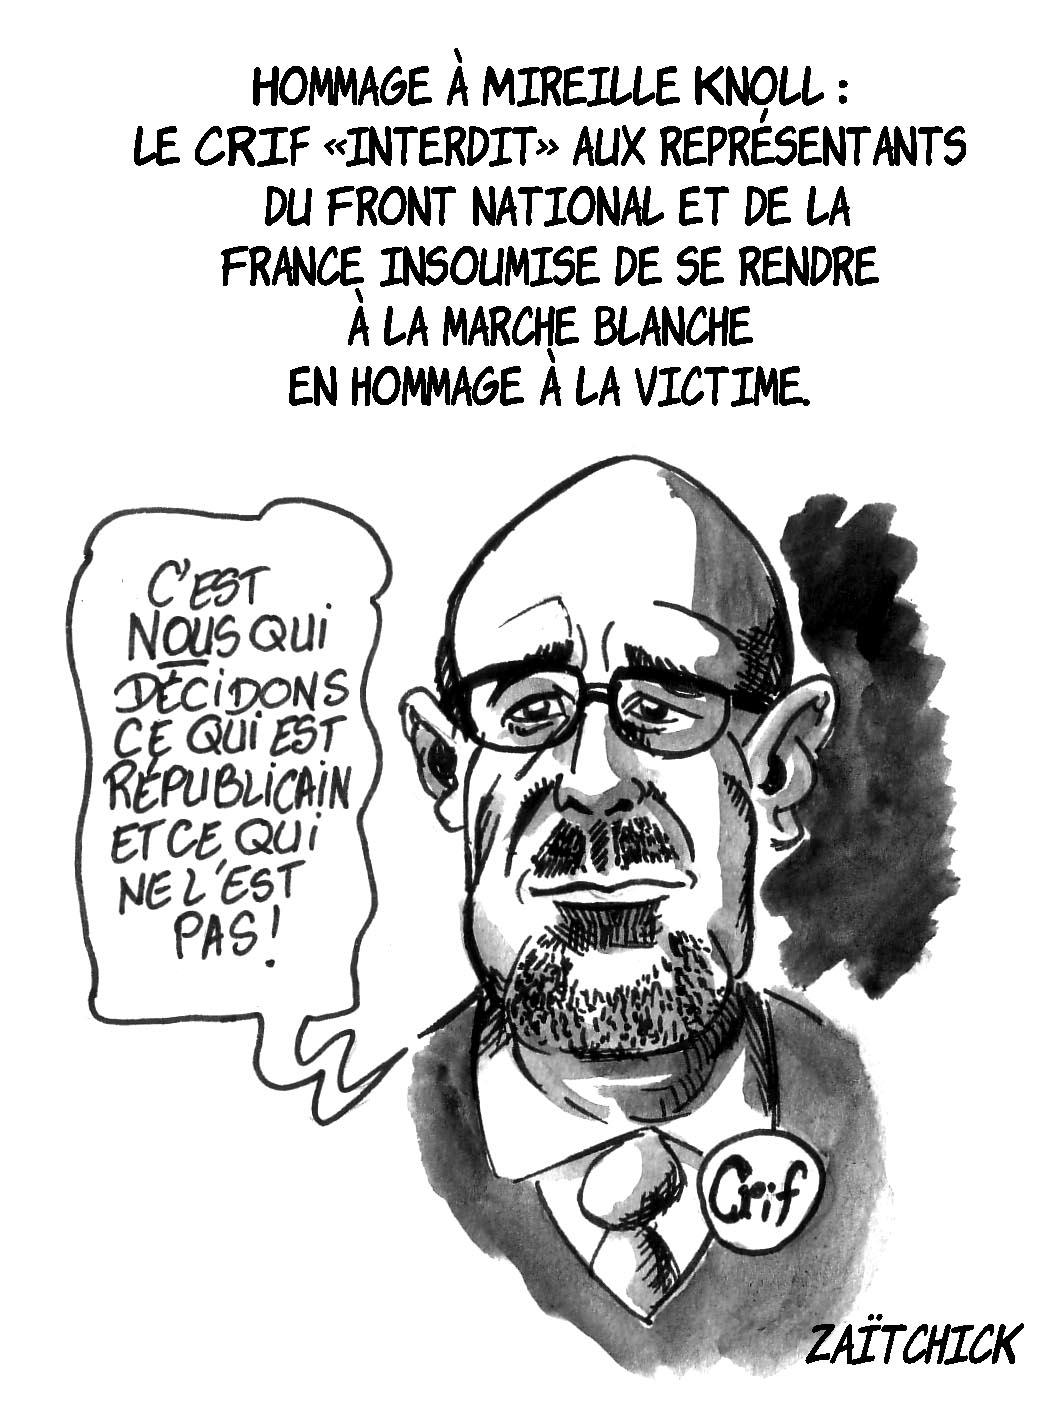 dessin d'actualité de Francis Kalifat refusant que les représentants du Front National et de la France Insoumise se joignent à la marche blanche en hommage à Mireille Knoll